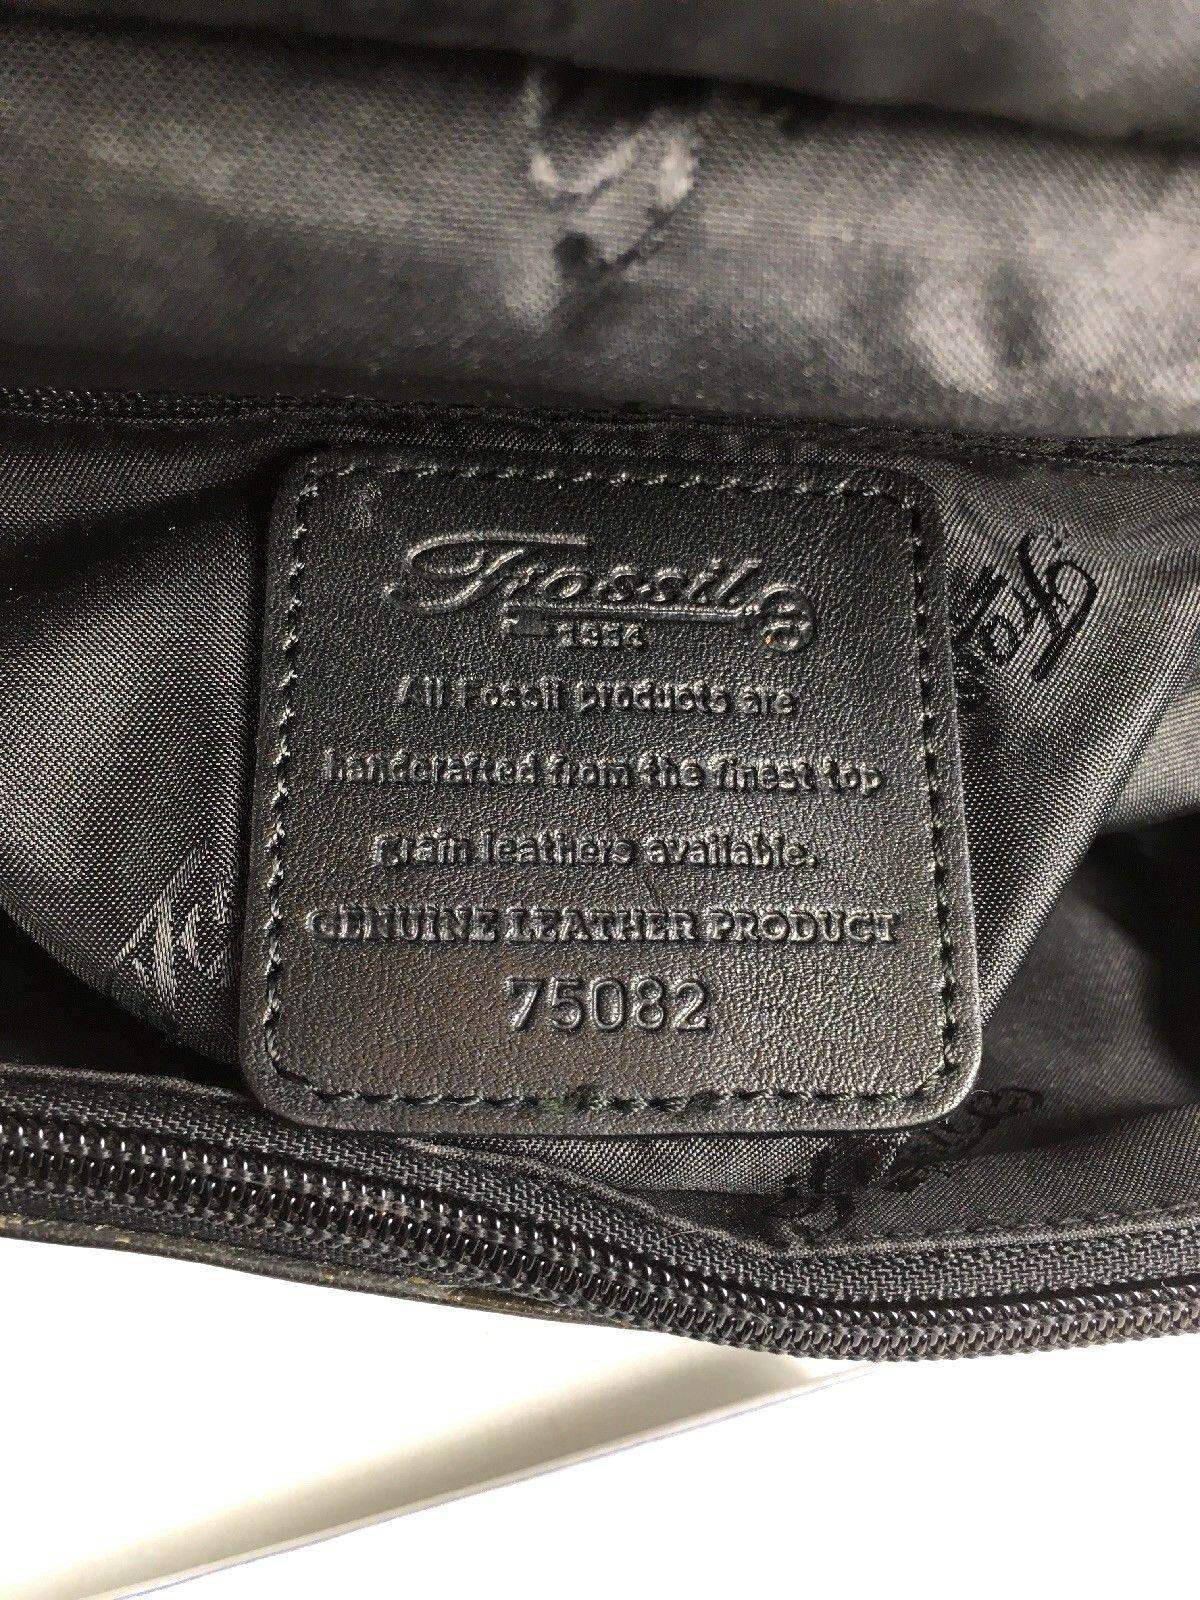 Fossil Vintage Black Smooth Leather Multi Pocket Multi Compartment Shoulder Bag